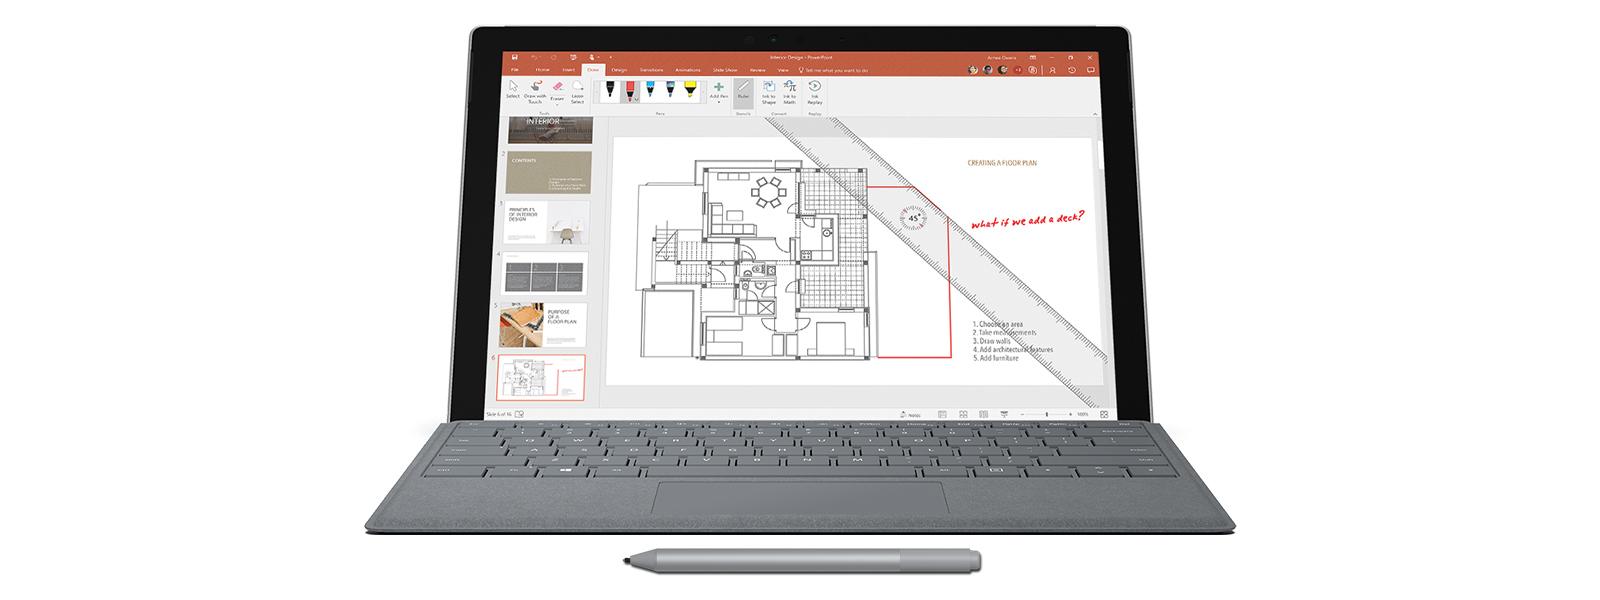 Captura de ecrã de uma planta arquitetónica com a Caneta para Surface, anotações e a régua no ecrã